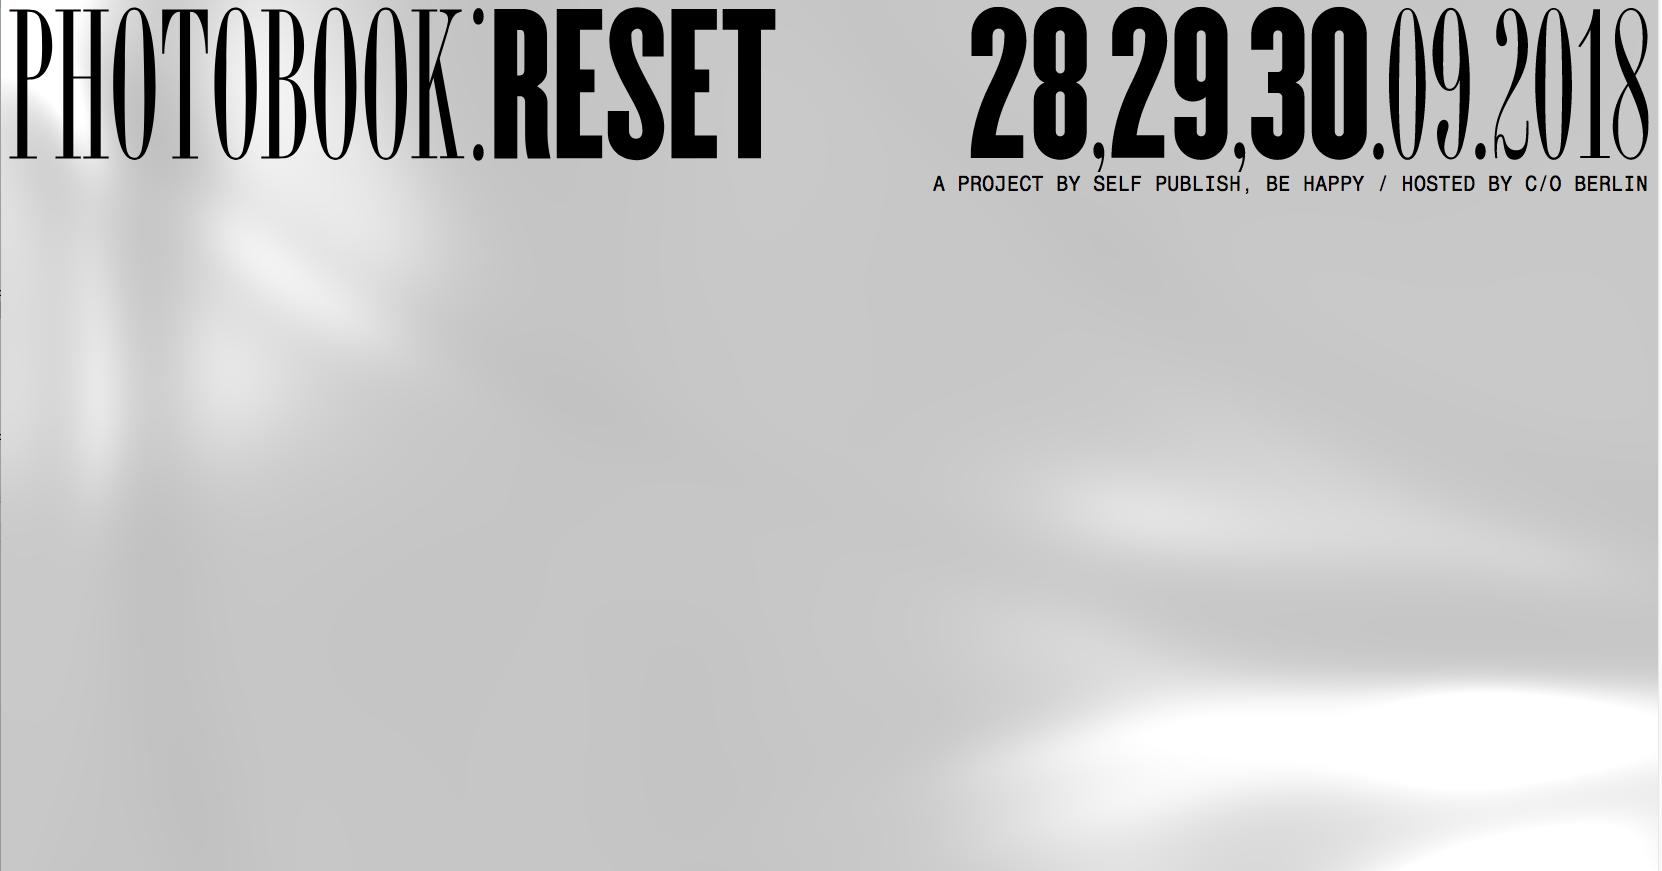 Photobook reset